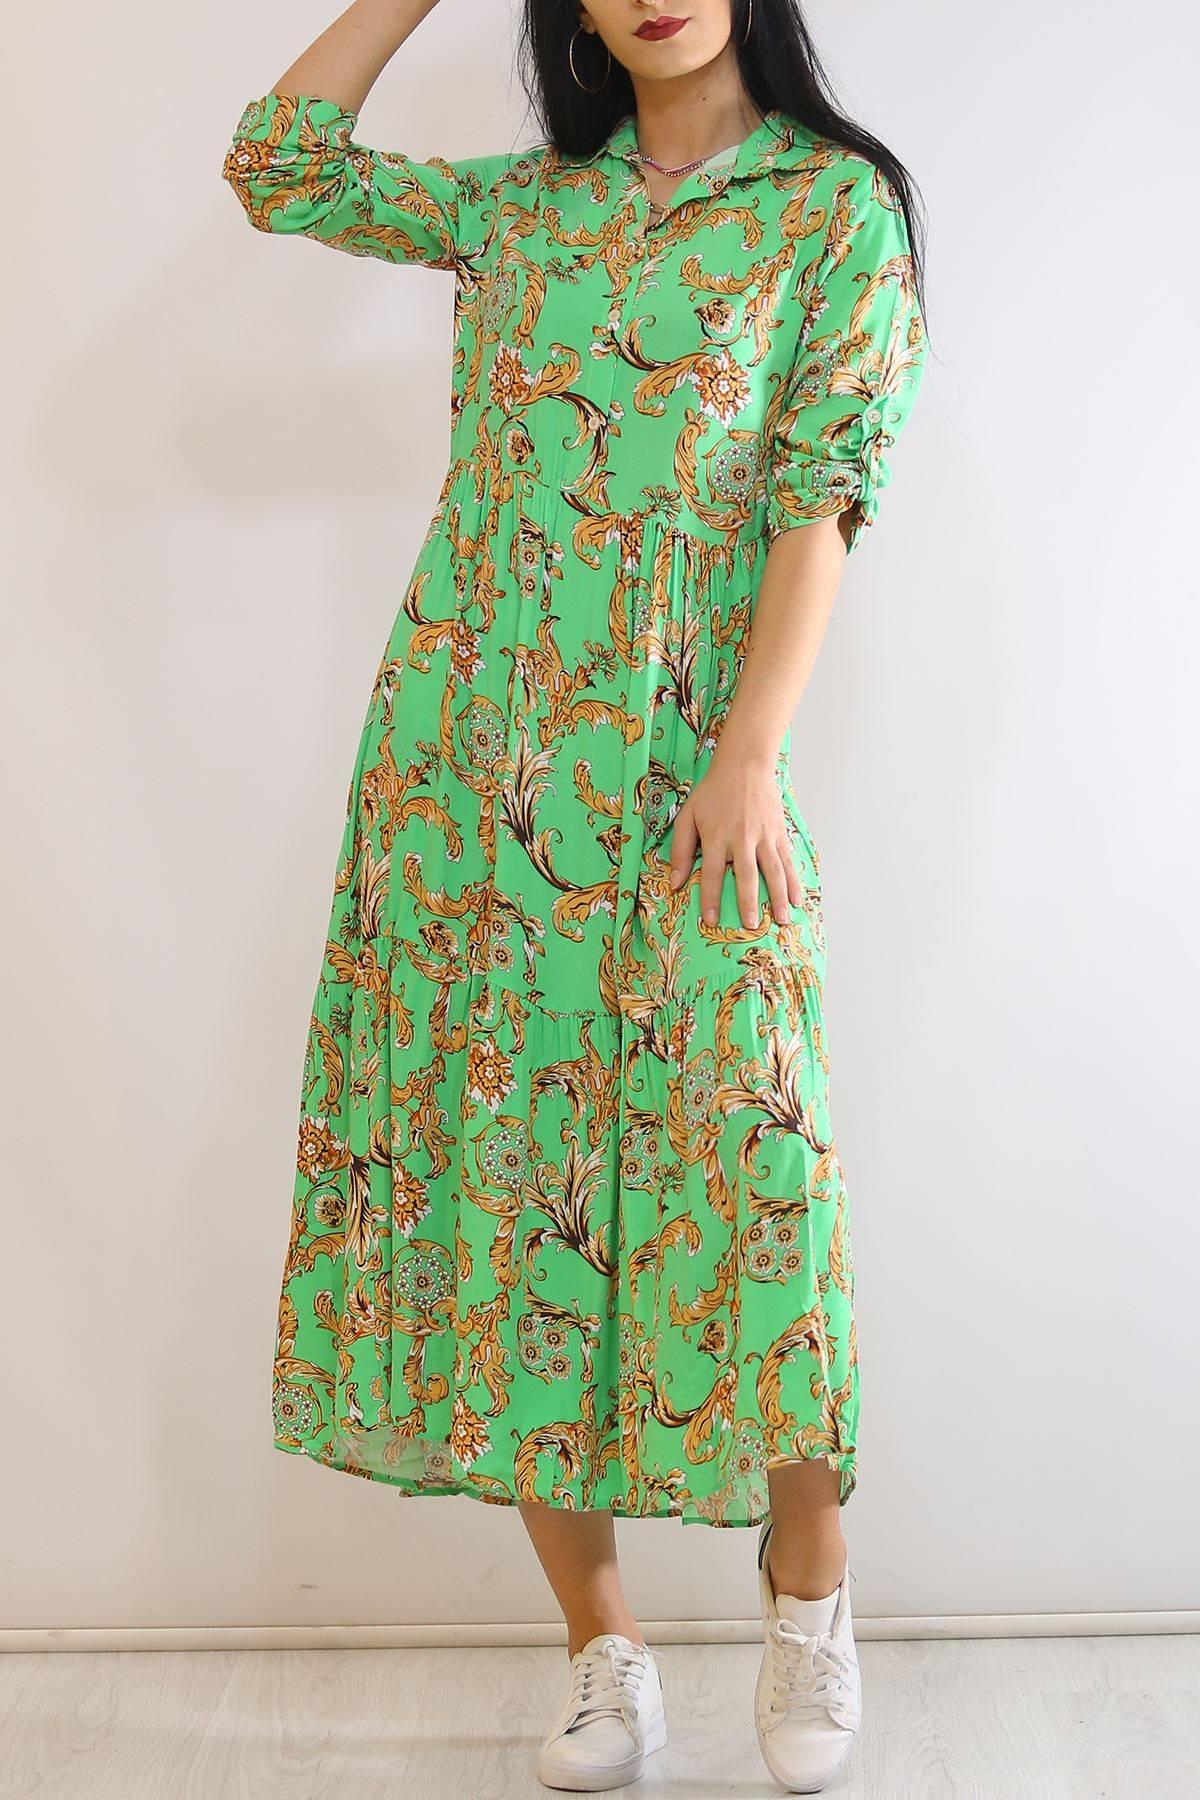 Katlama Kol Elbise Yeşildesenli - 4807.701.